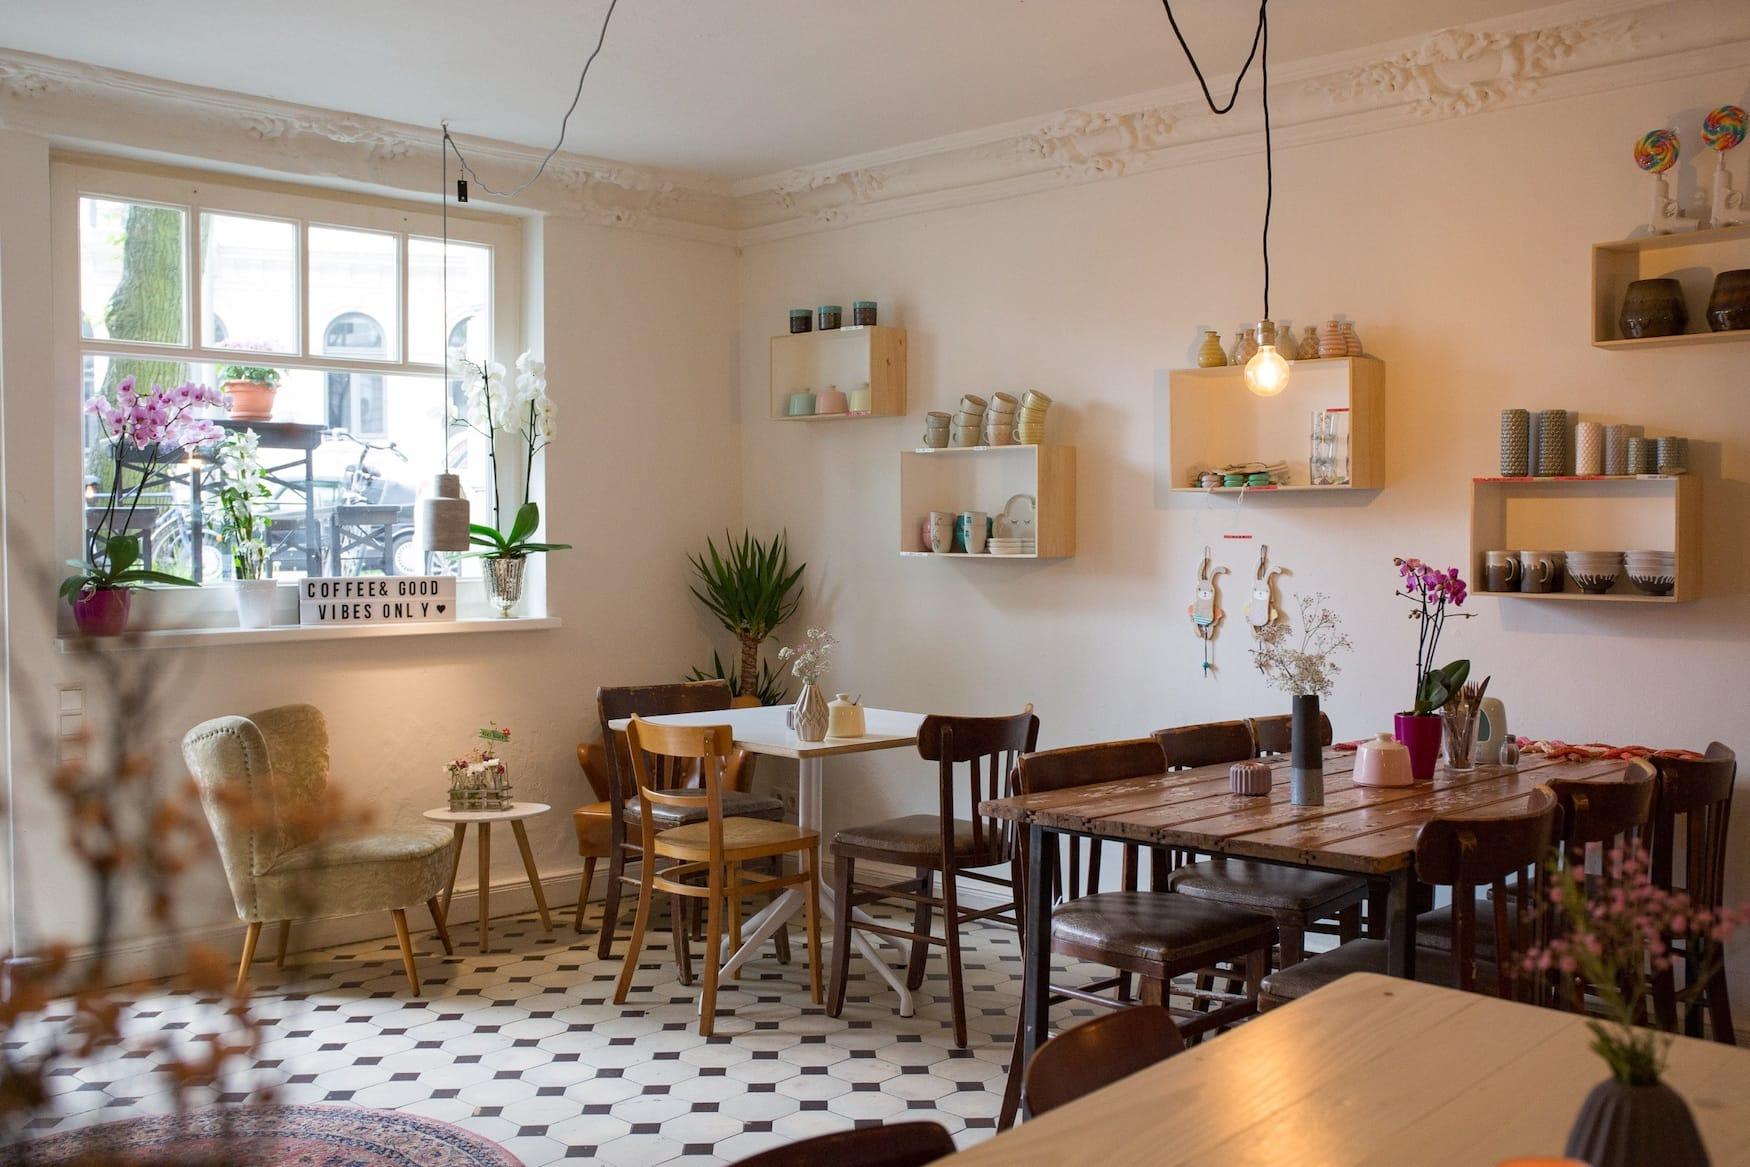 Shabby Chic trifft Hipster-Cafe. Das zusammengewürfelte Interieur des Cafés Salon Wechsel Dich ist wirklich hübsch.